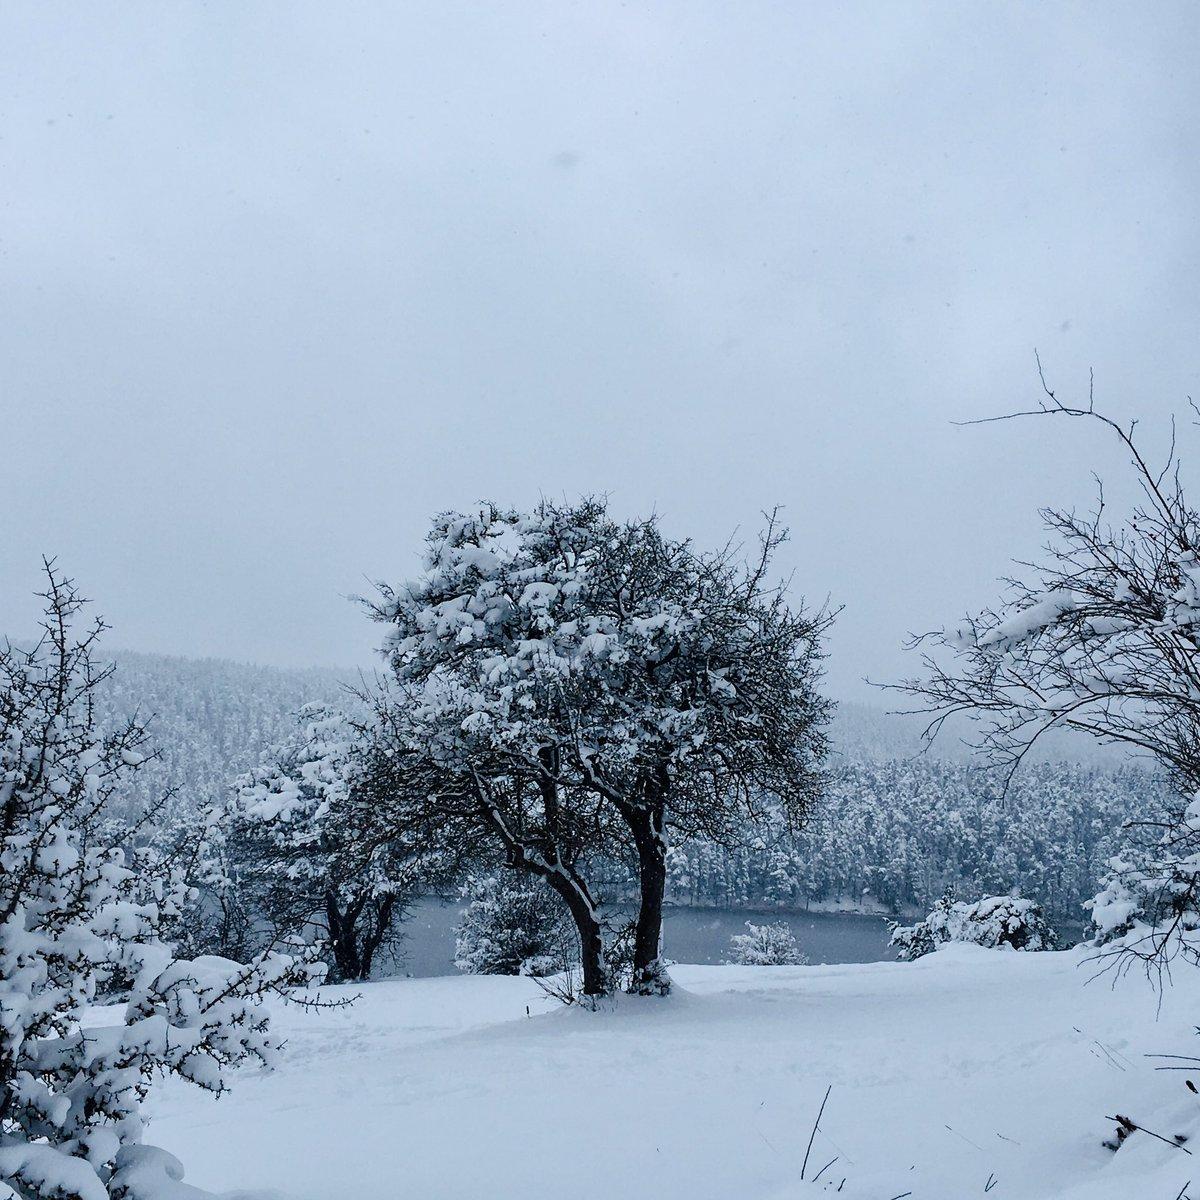 Herkese hayırlı akşamlar & iyigeceler  #photooftheday #Snowday #Canon70D #Shutterstock #PhotoModeMonday #photography #PHOTO #SnowWhite #Snowing